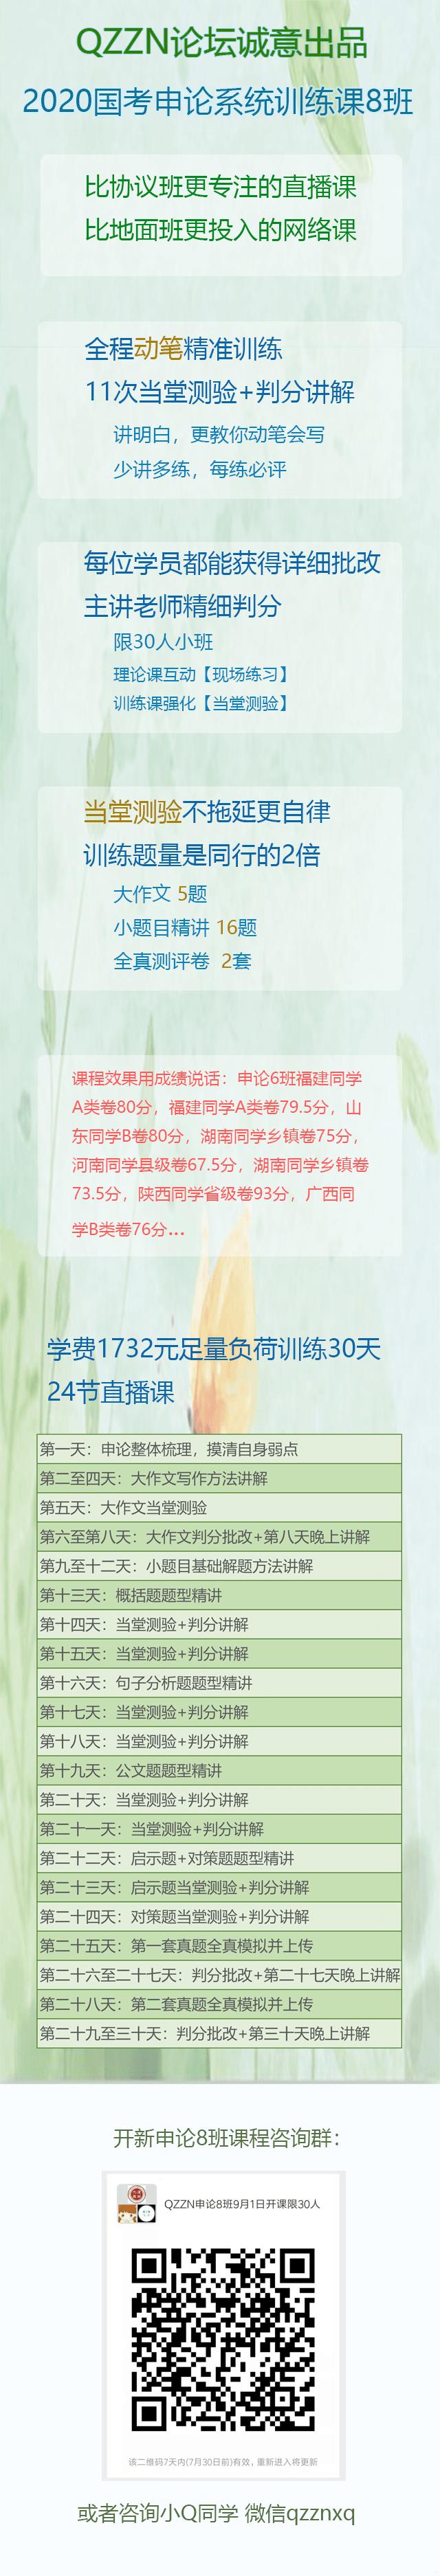 宣传图8.png